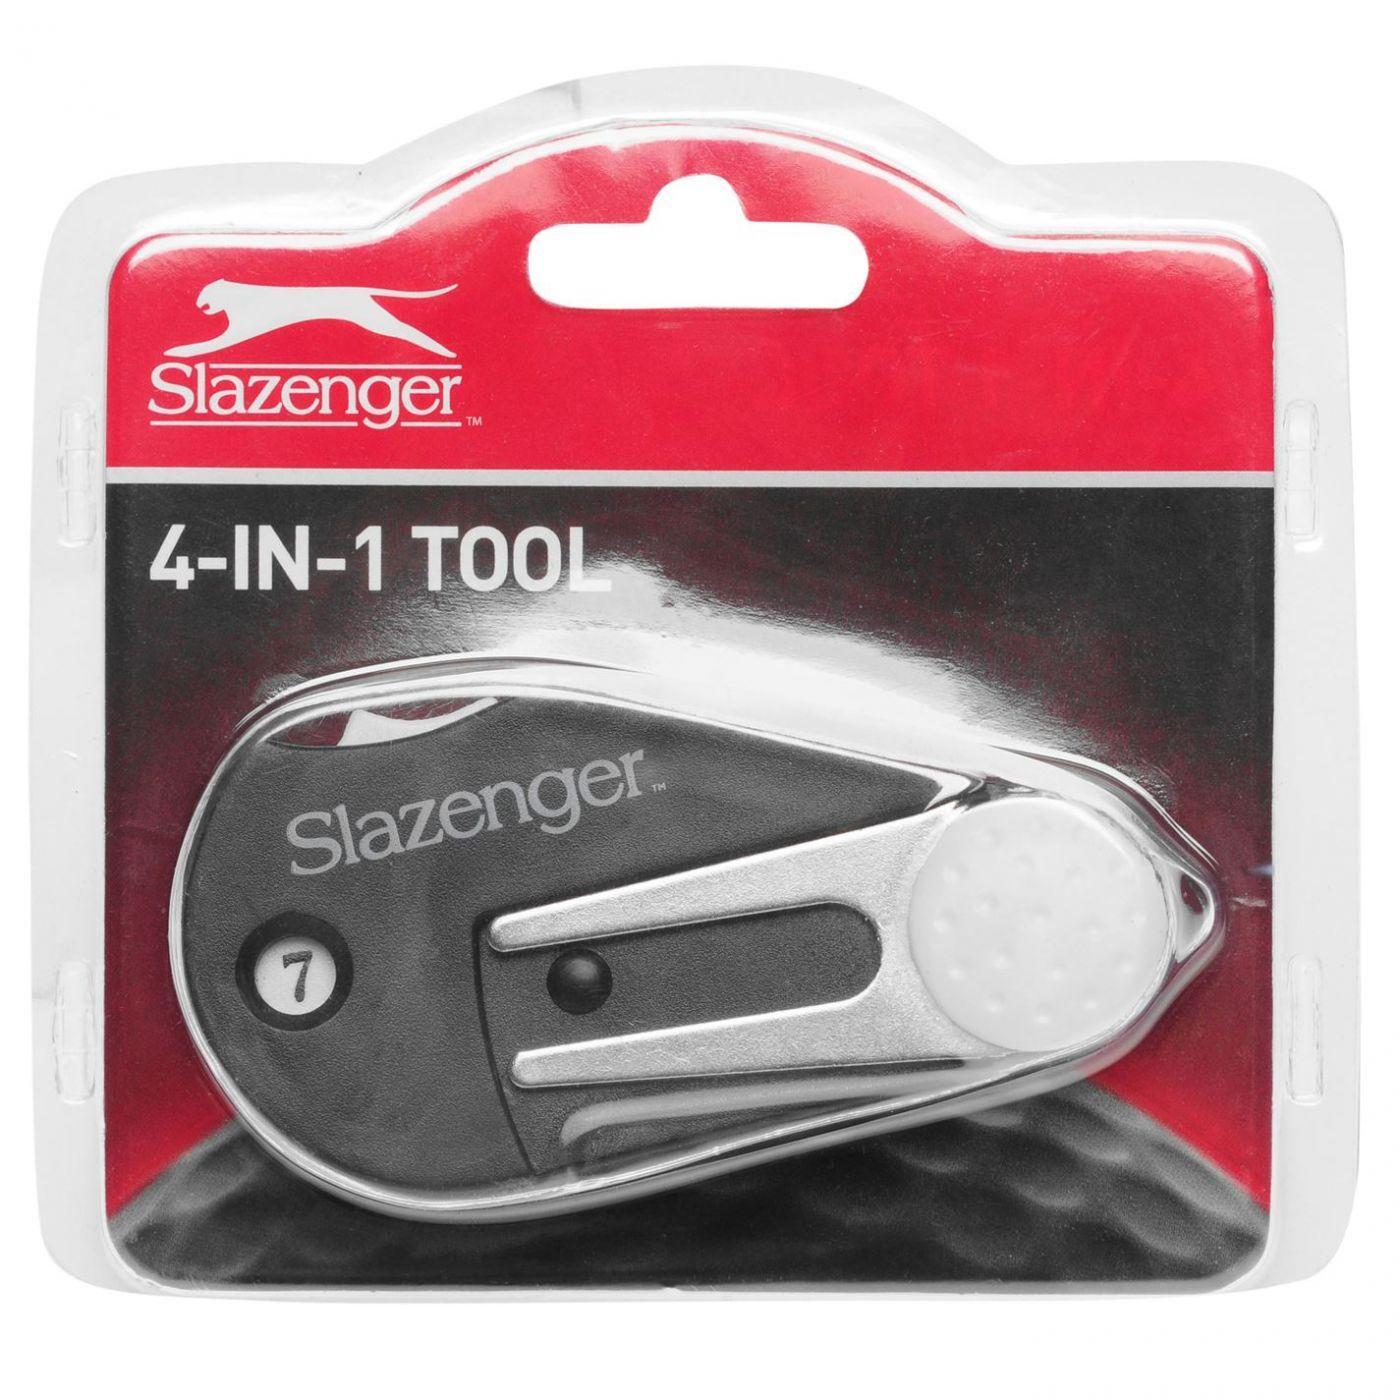 Slazenger 4 in 1 Golf Tool